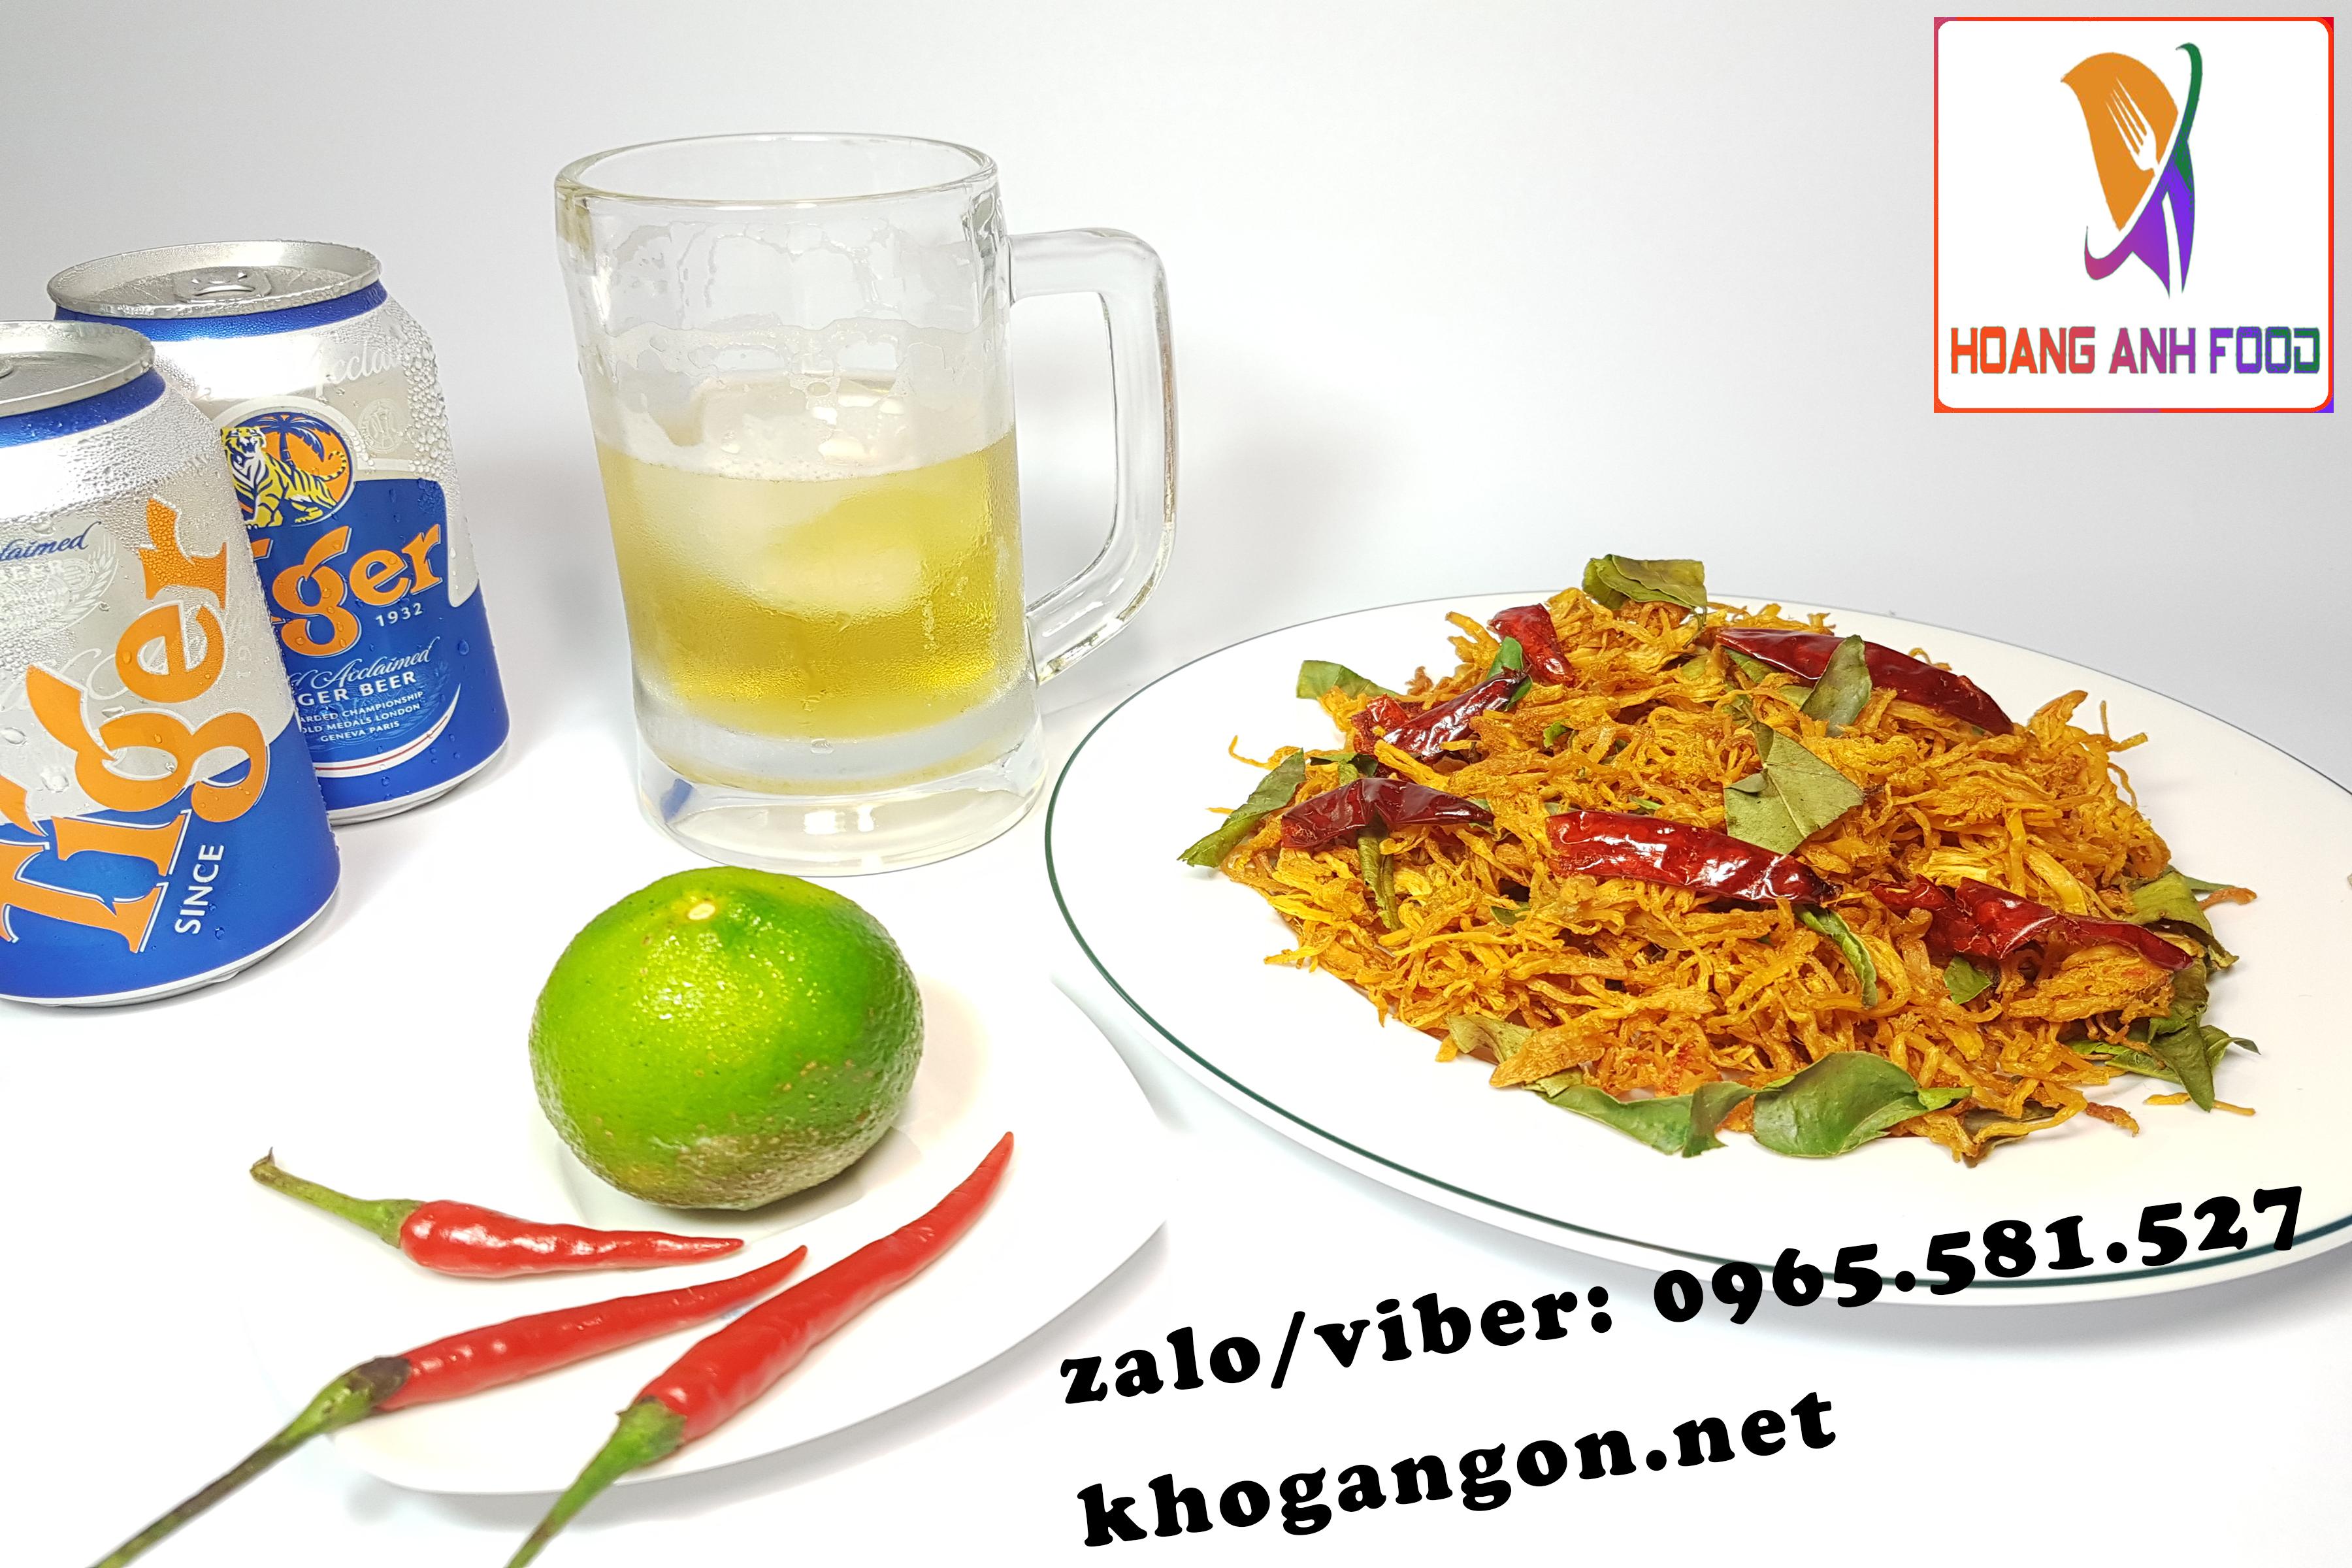 khogaHoangAnh